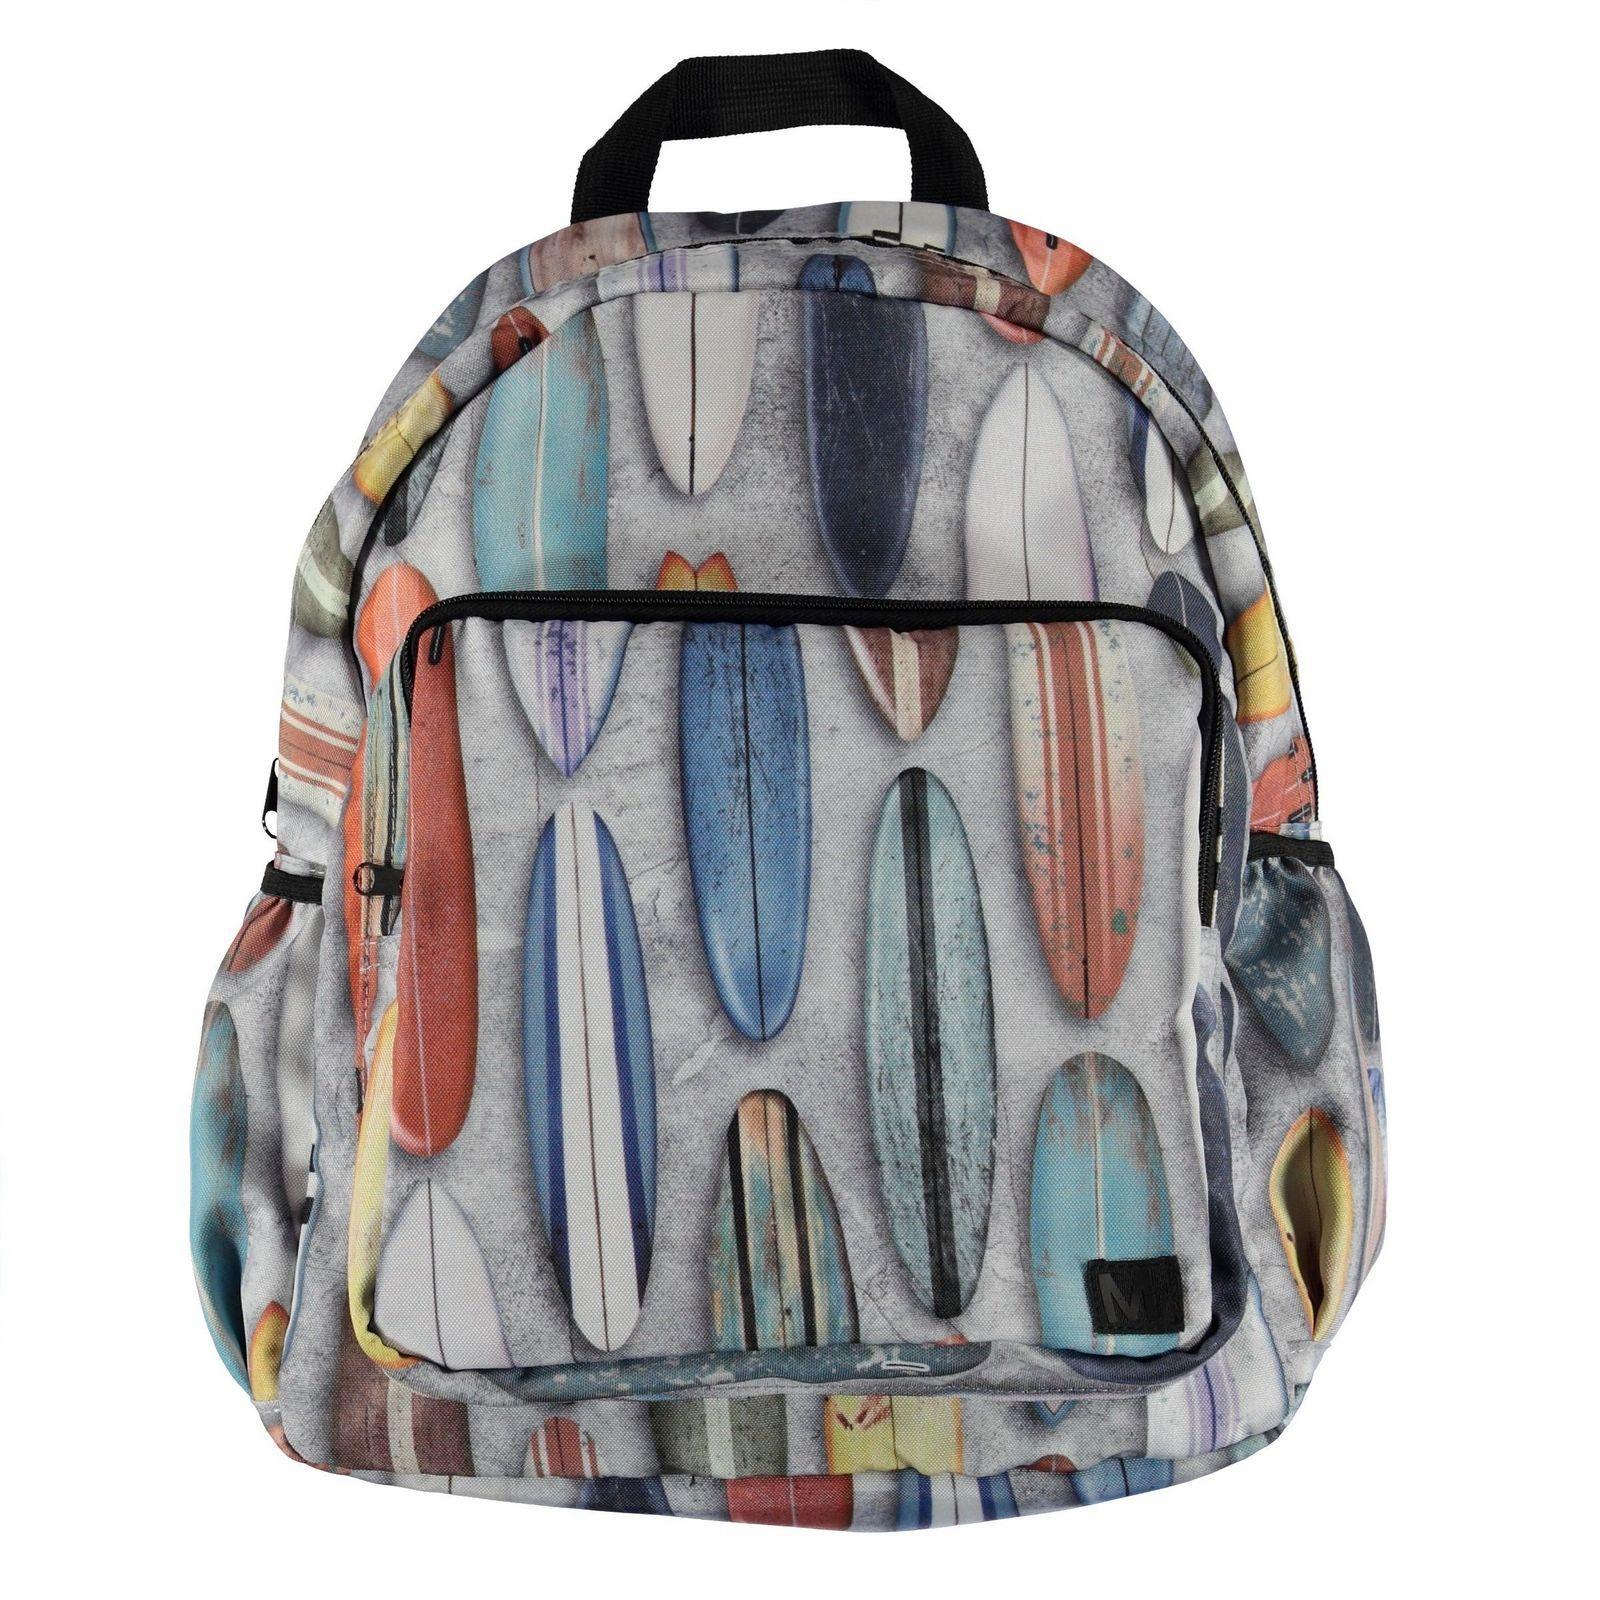 Рюкзак Molo Big backpack Surf